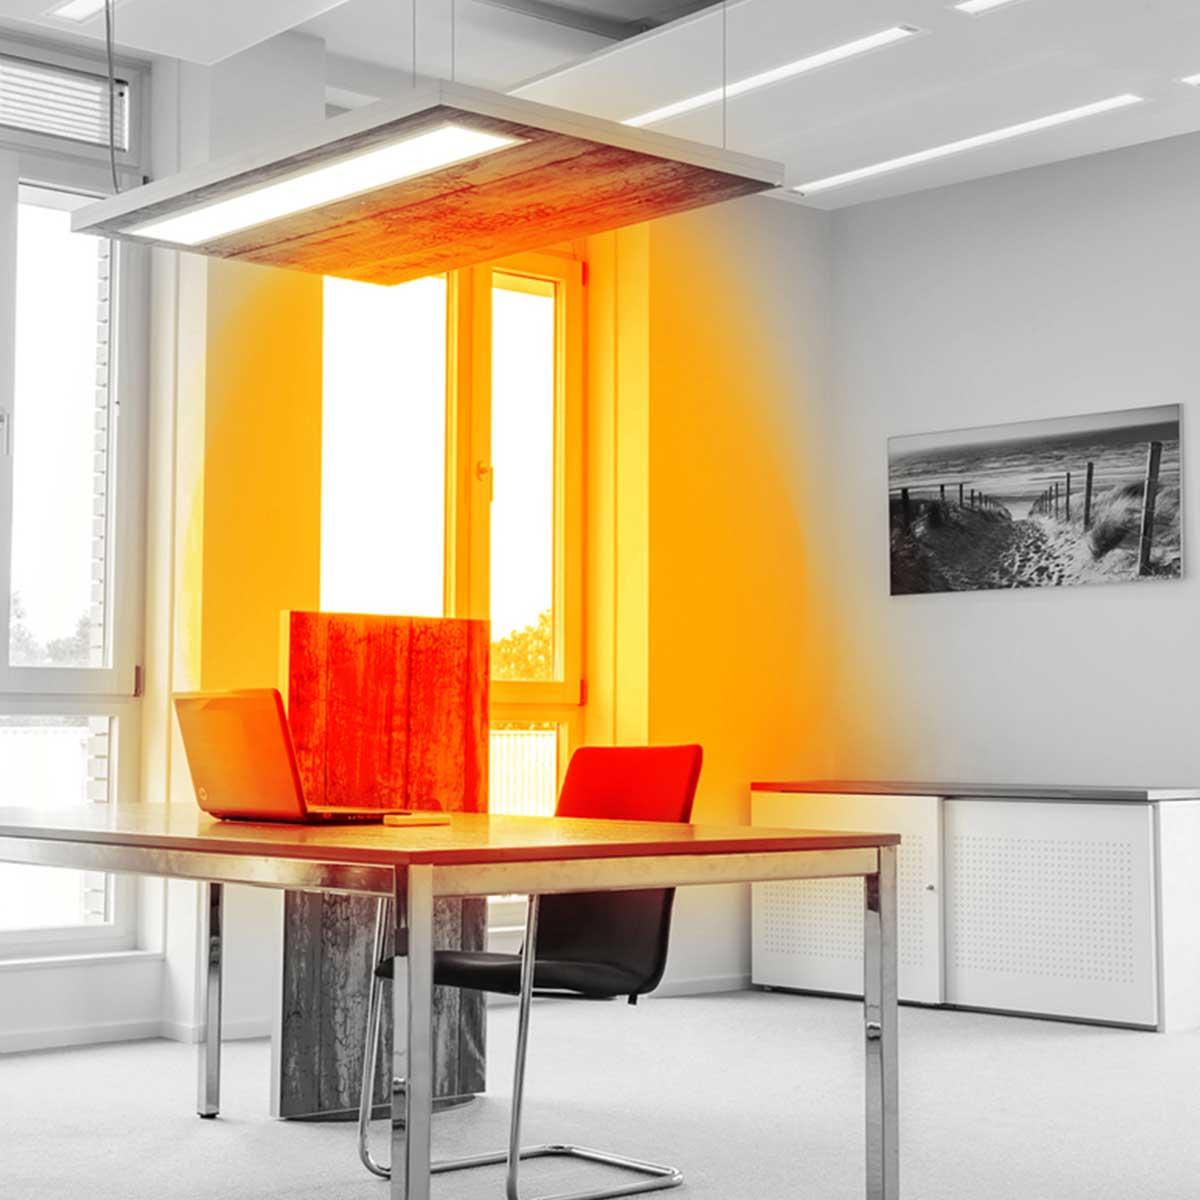 Passie voor werkplek verwarming